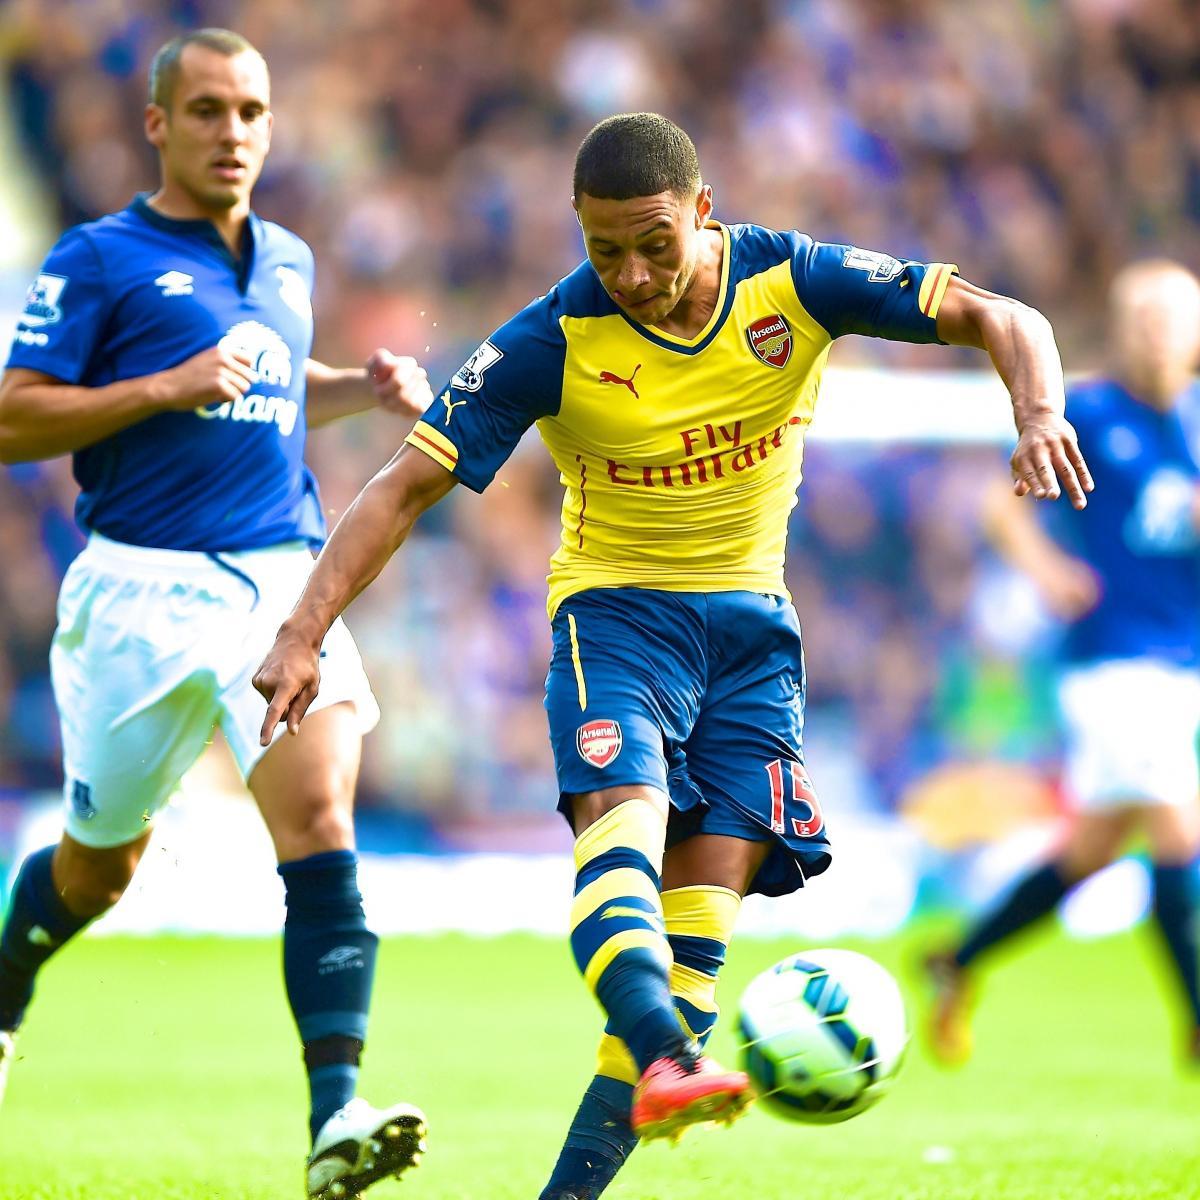 Arsenal Vs Tottenham Live Score Highlights From Premier: Everton Vs. Arsenal: Live Score, Highlights From Premier